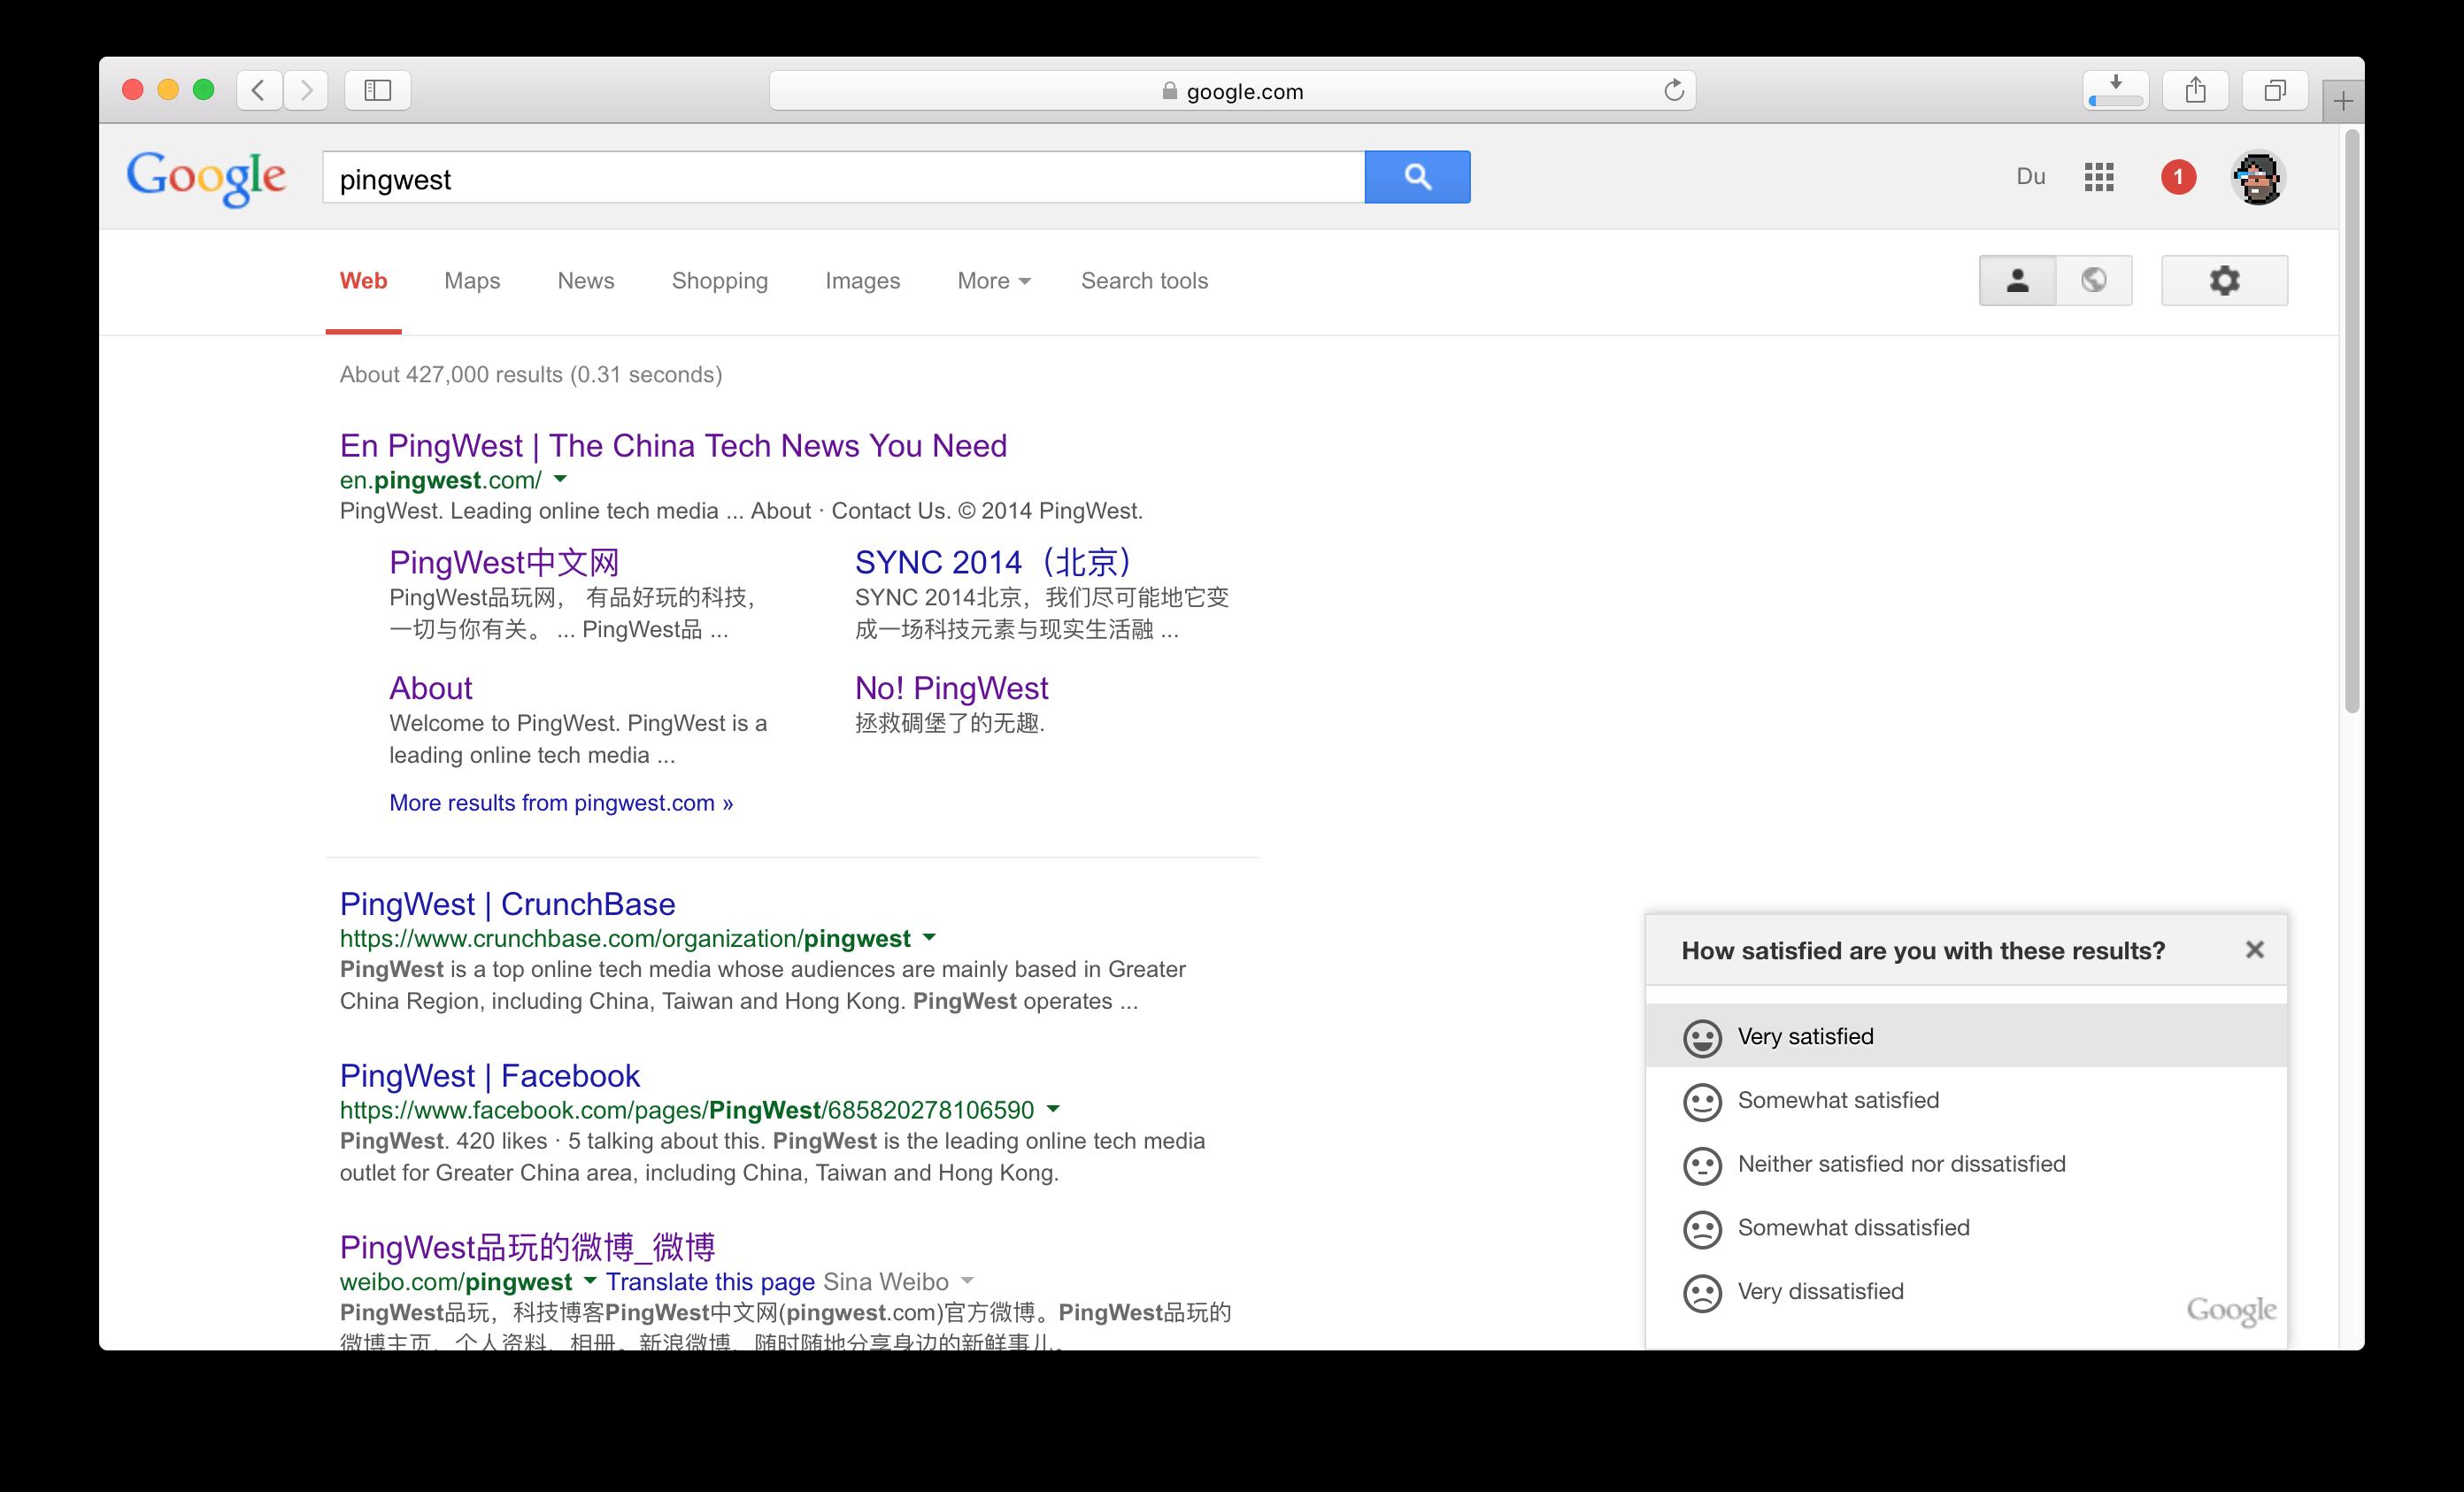 2015年的搜索结果页面